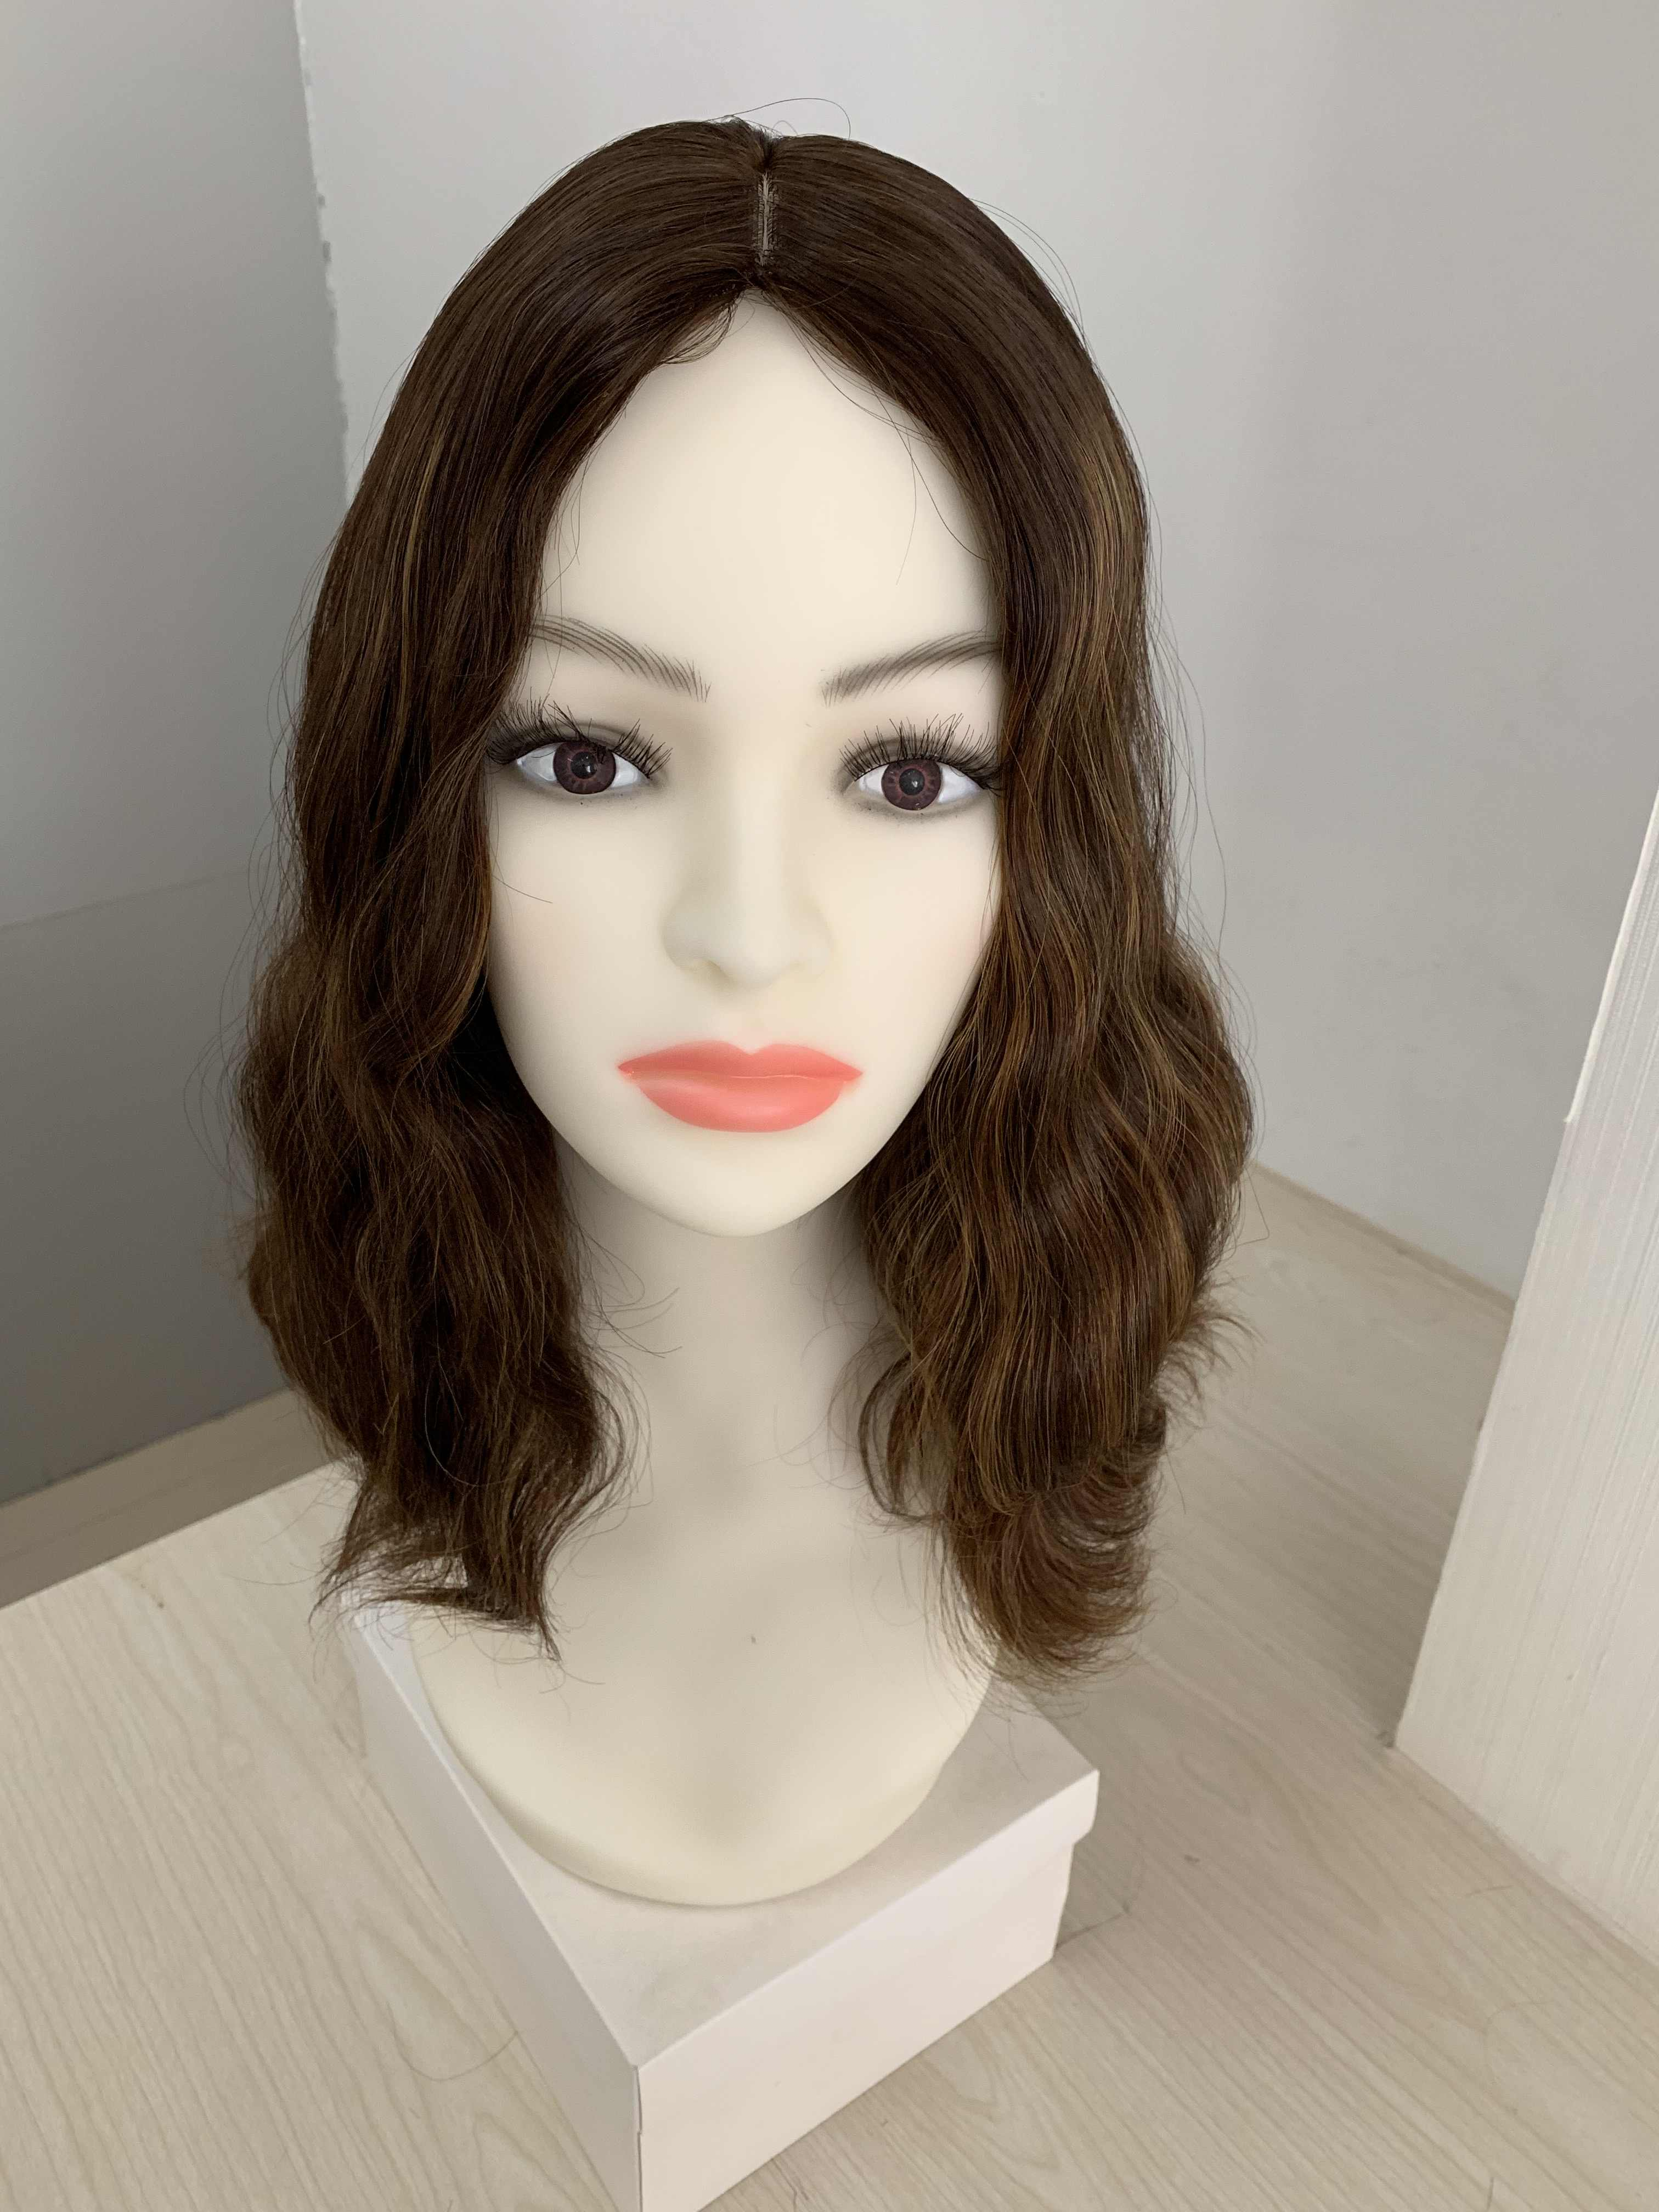 Tsingtaowigs Custom made naturalne włosy europejskiej nieprzetworzone włosy 14 cal BOB peruka żydowska najlepsze Sheitels peruki darmowa wysyłka